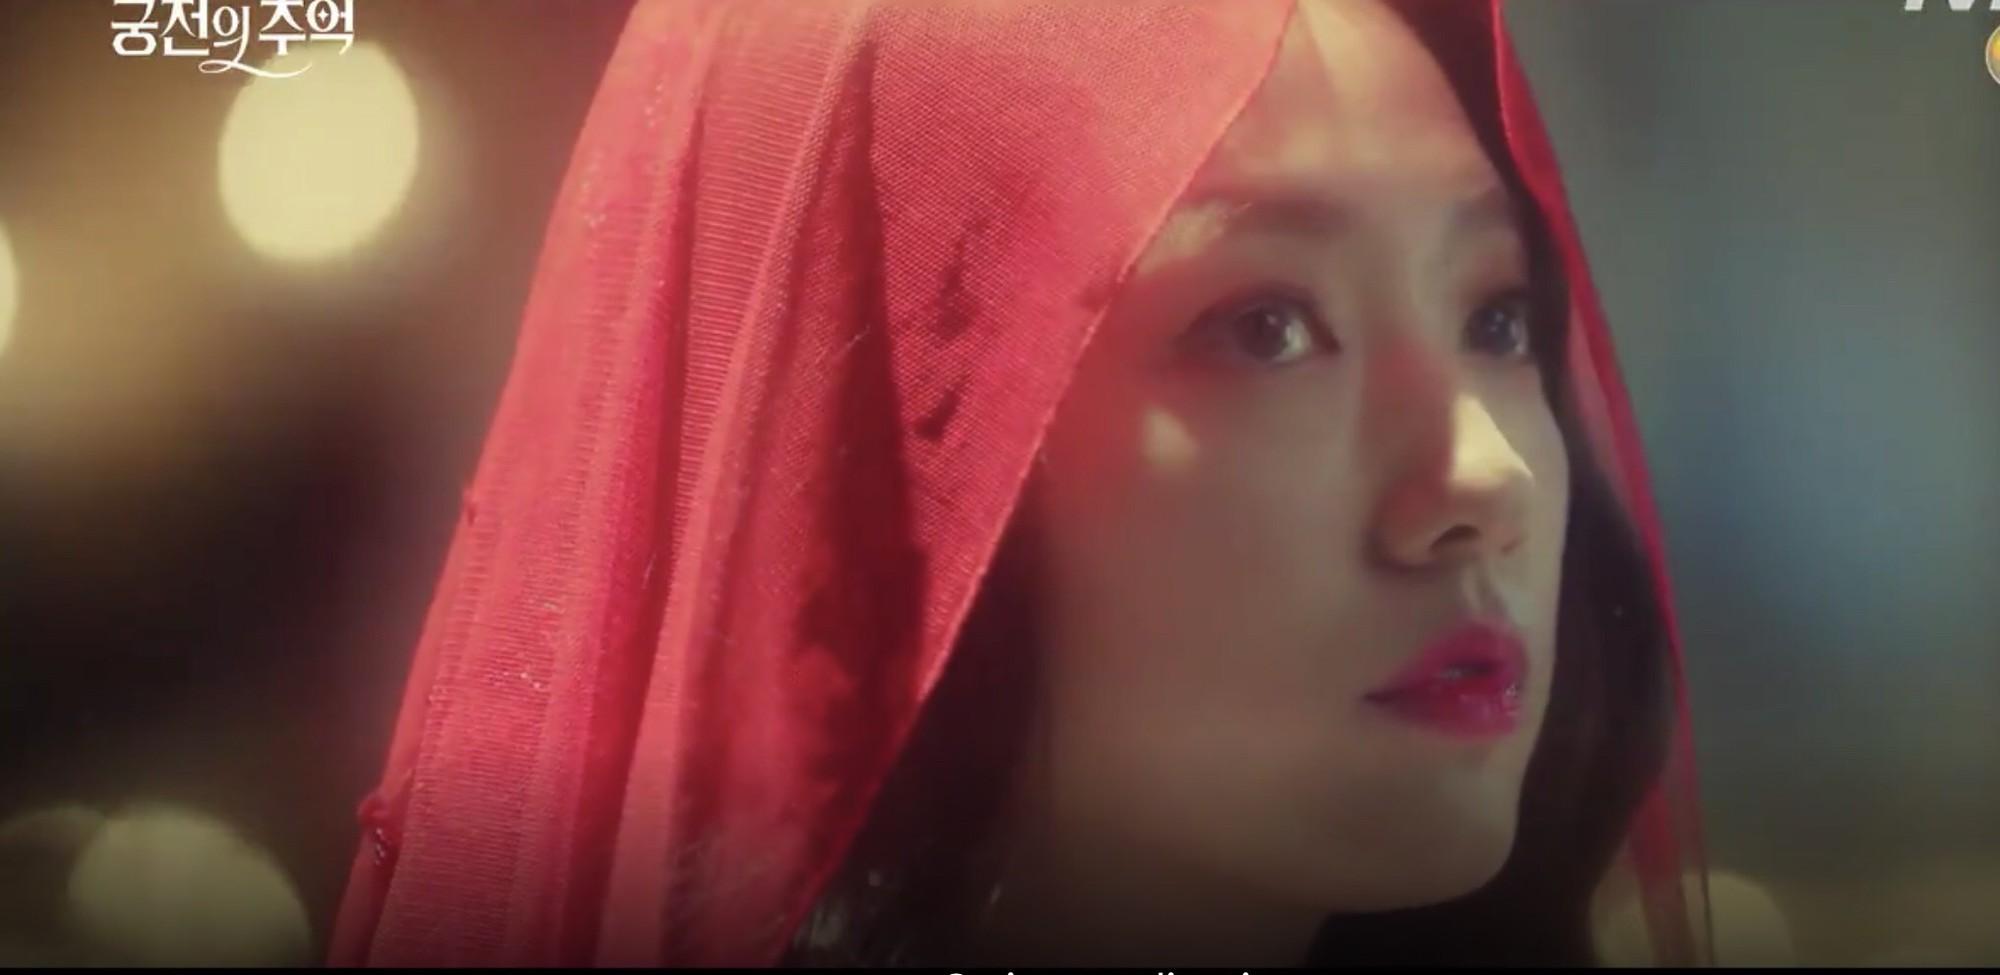 Park Shin Hye trùm khăn đỏ huyền bí trong teaser Memories of the Alhambra vừa tung nóng hổi - Ảnh 7.